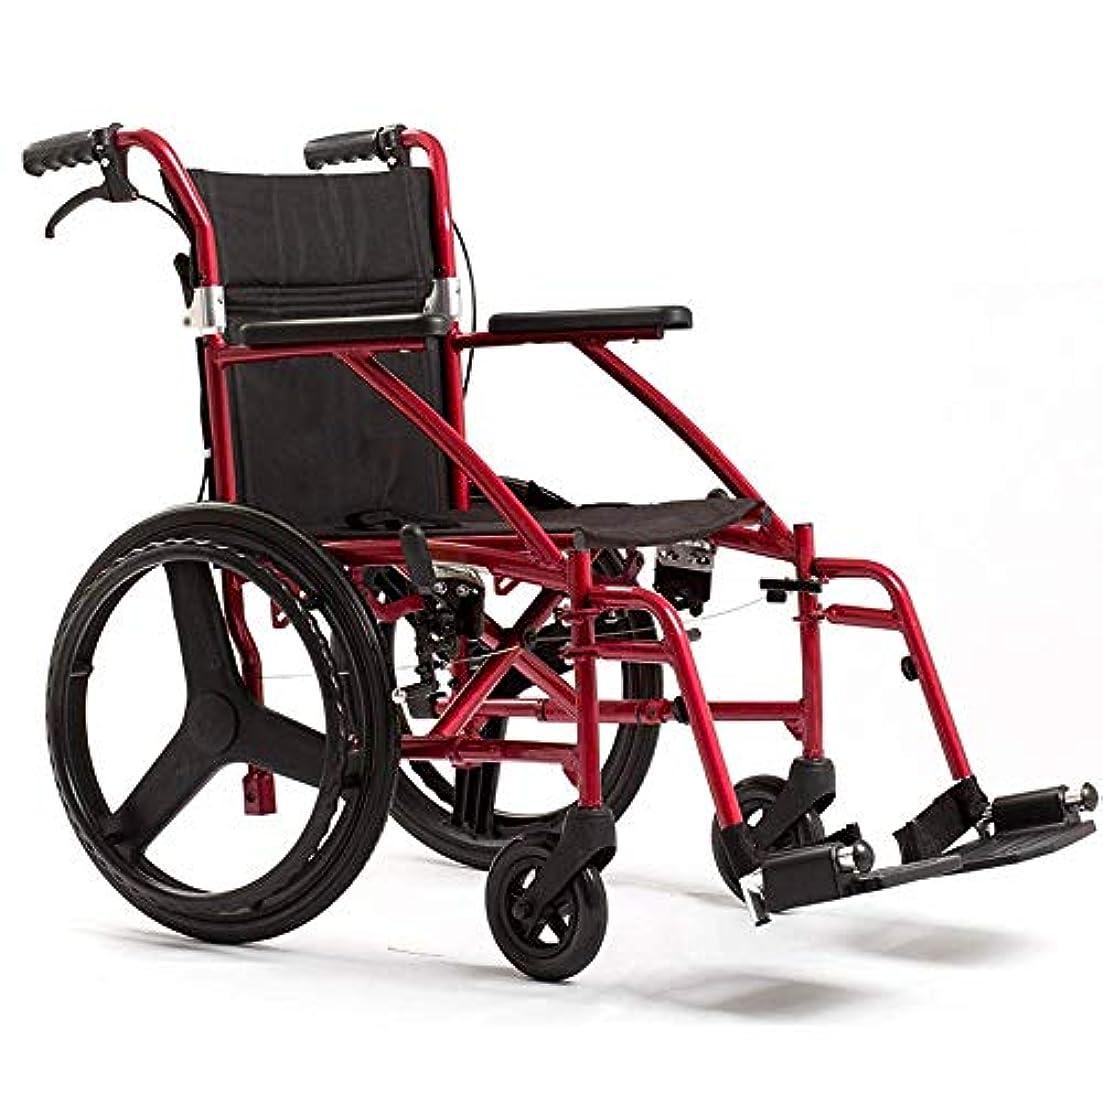 水分札入れレスリング人間工学に基づいた超軽量手動車いす、フット休符と旅行交通チェア - 高齢者、障害者のための適切な